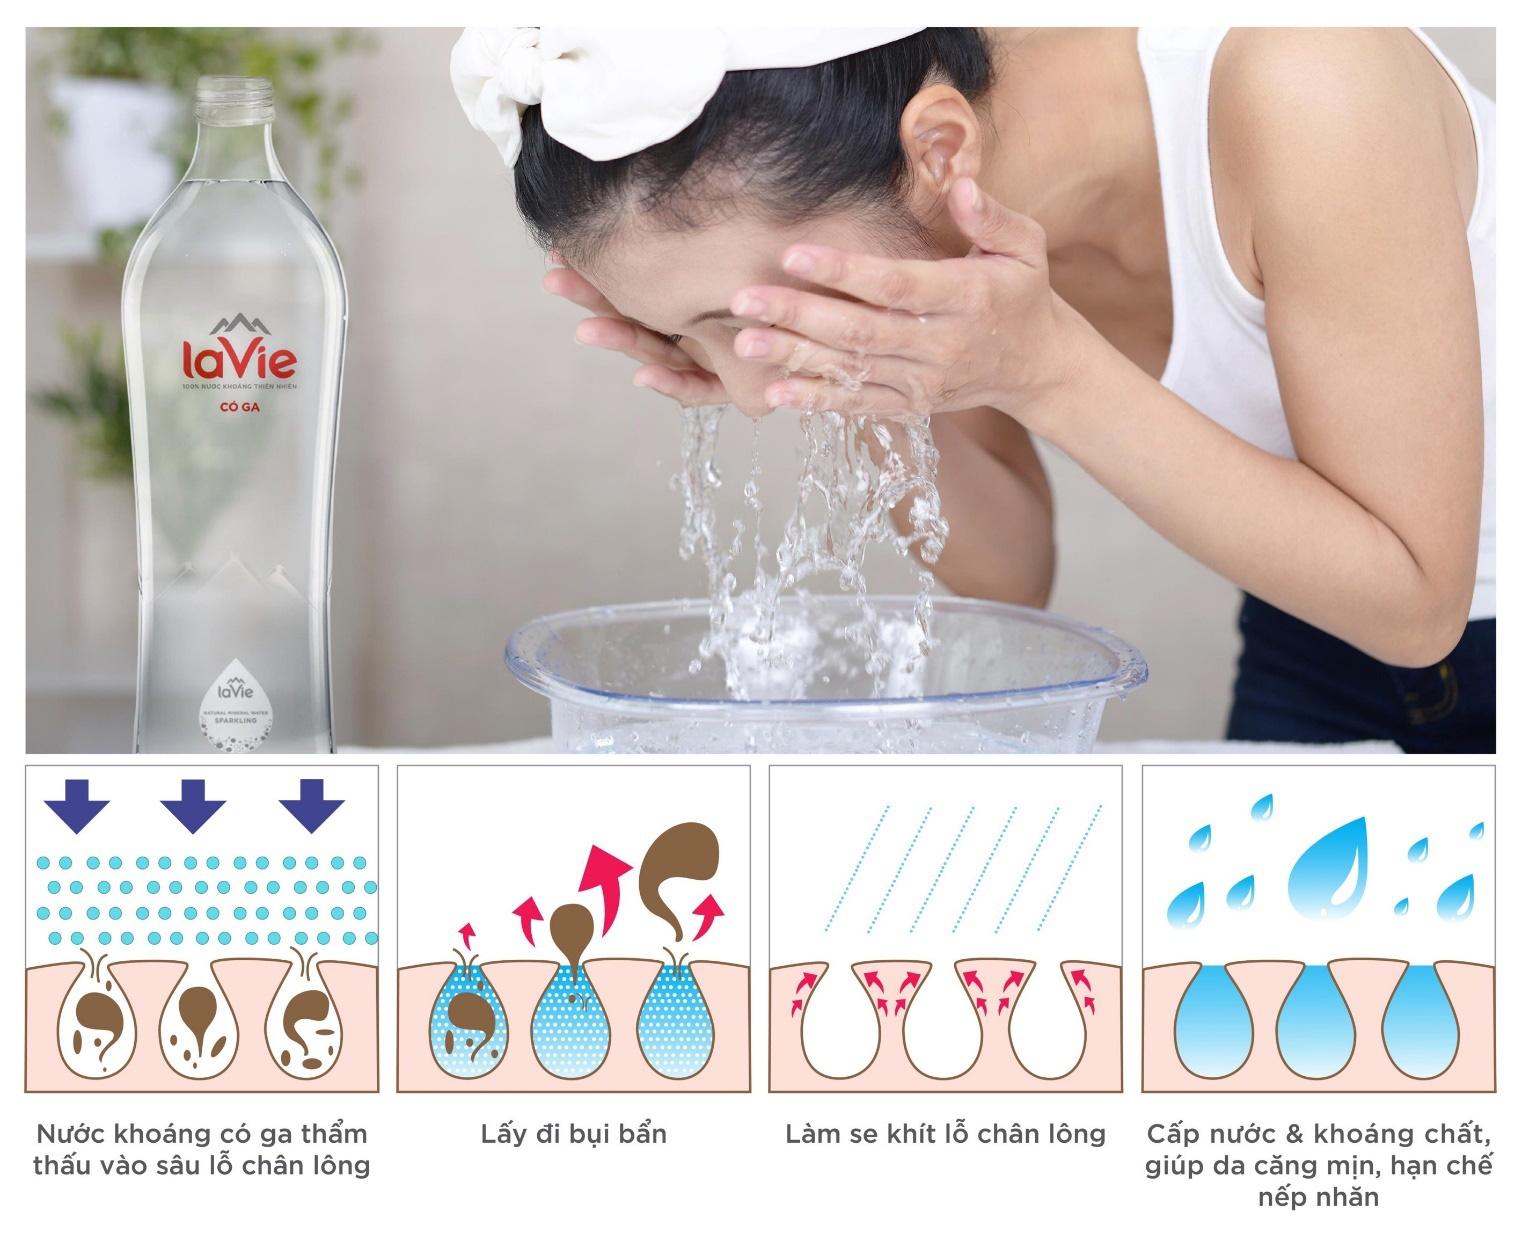 Tips dưỡng da của giới trẻ Hàn, siêu đơn giản ai cũng học theo được - Ảnh 1.